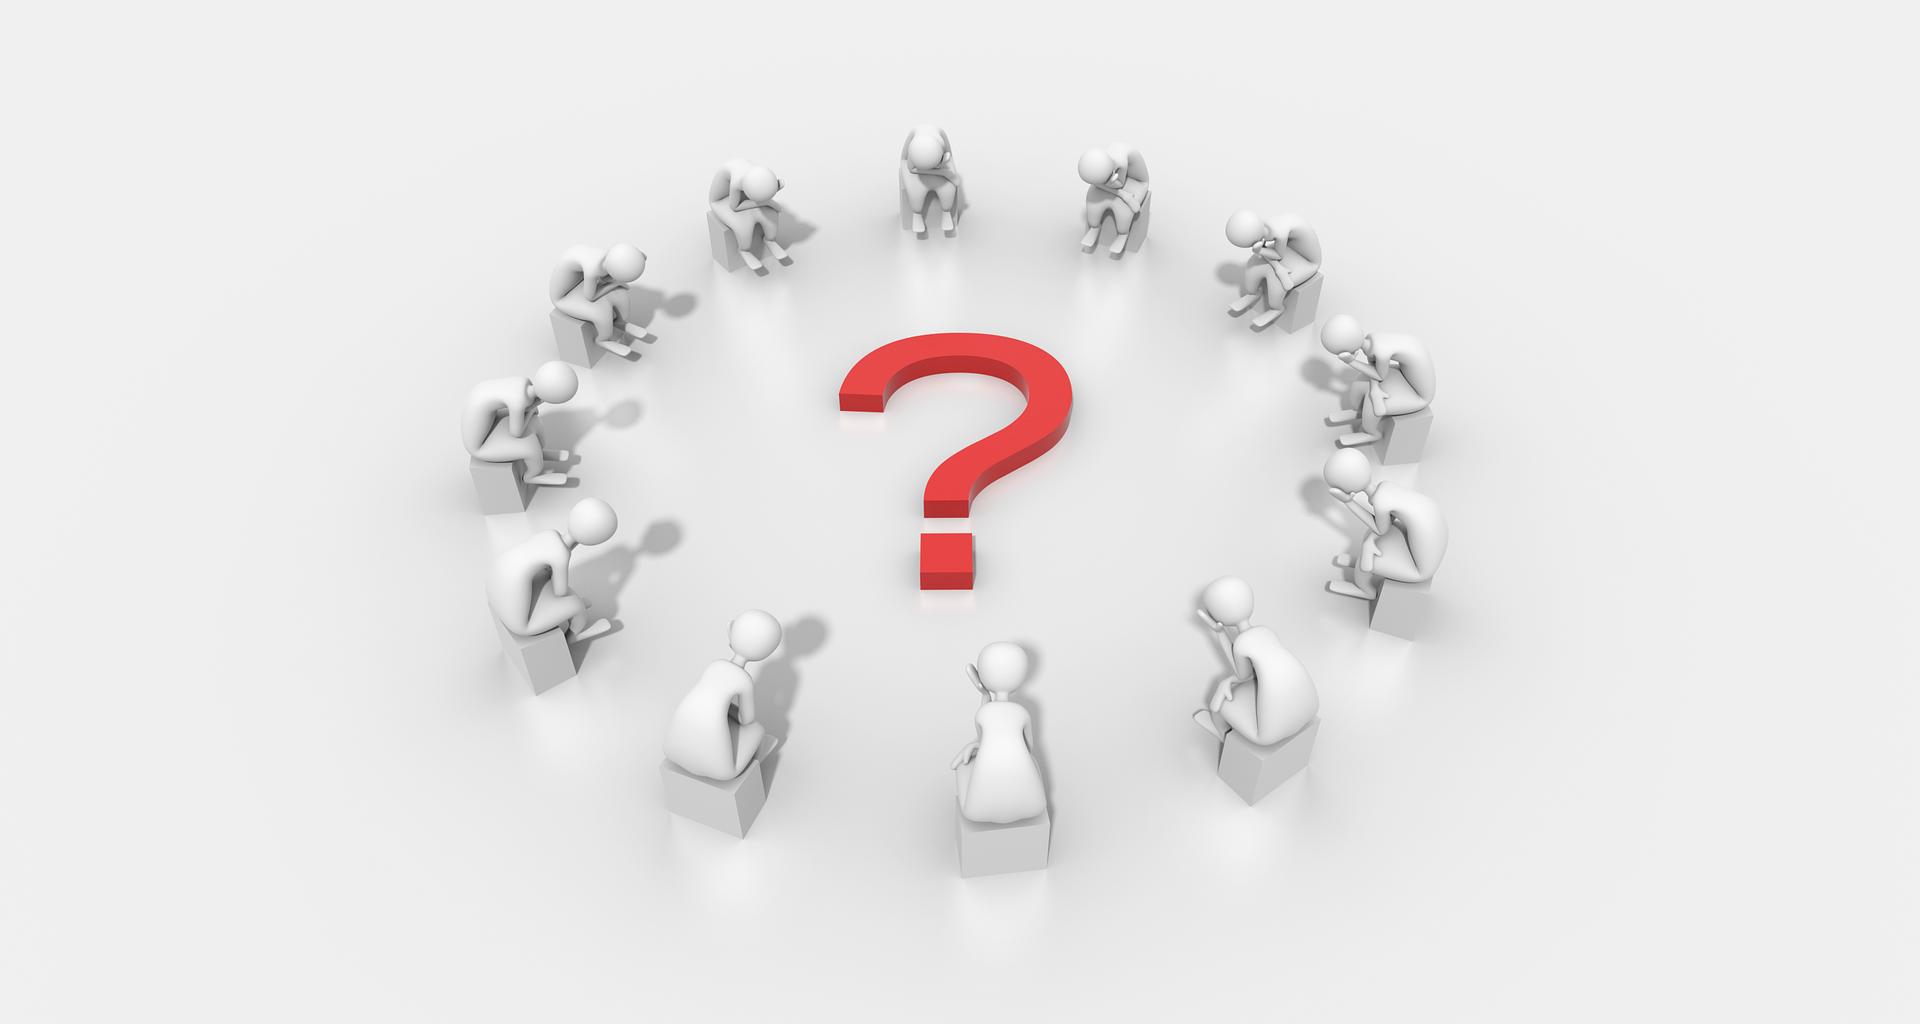 クラウドサーバーはどう選ぶ?種類や特徴、選び方まで徹底解説